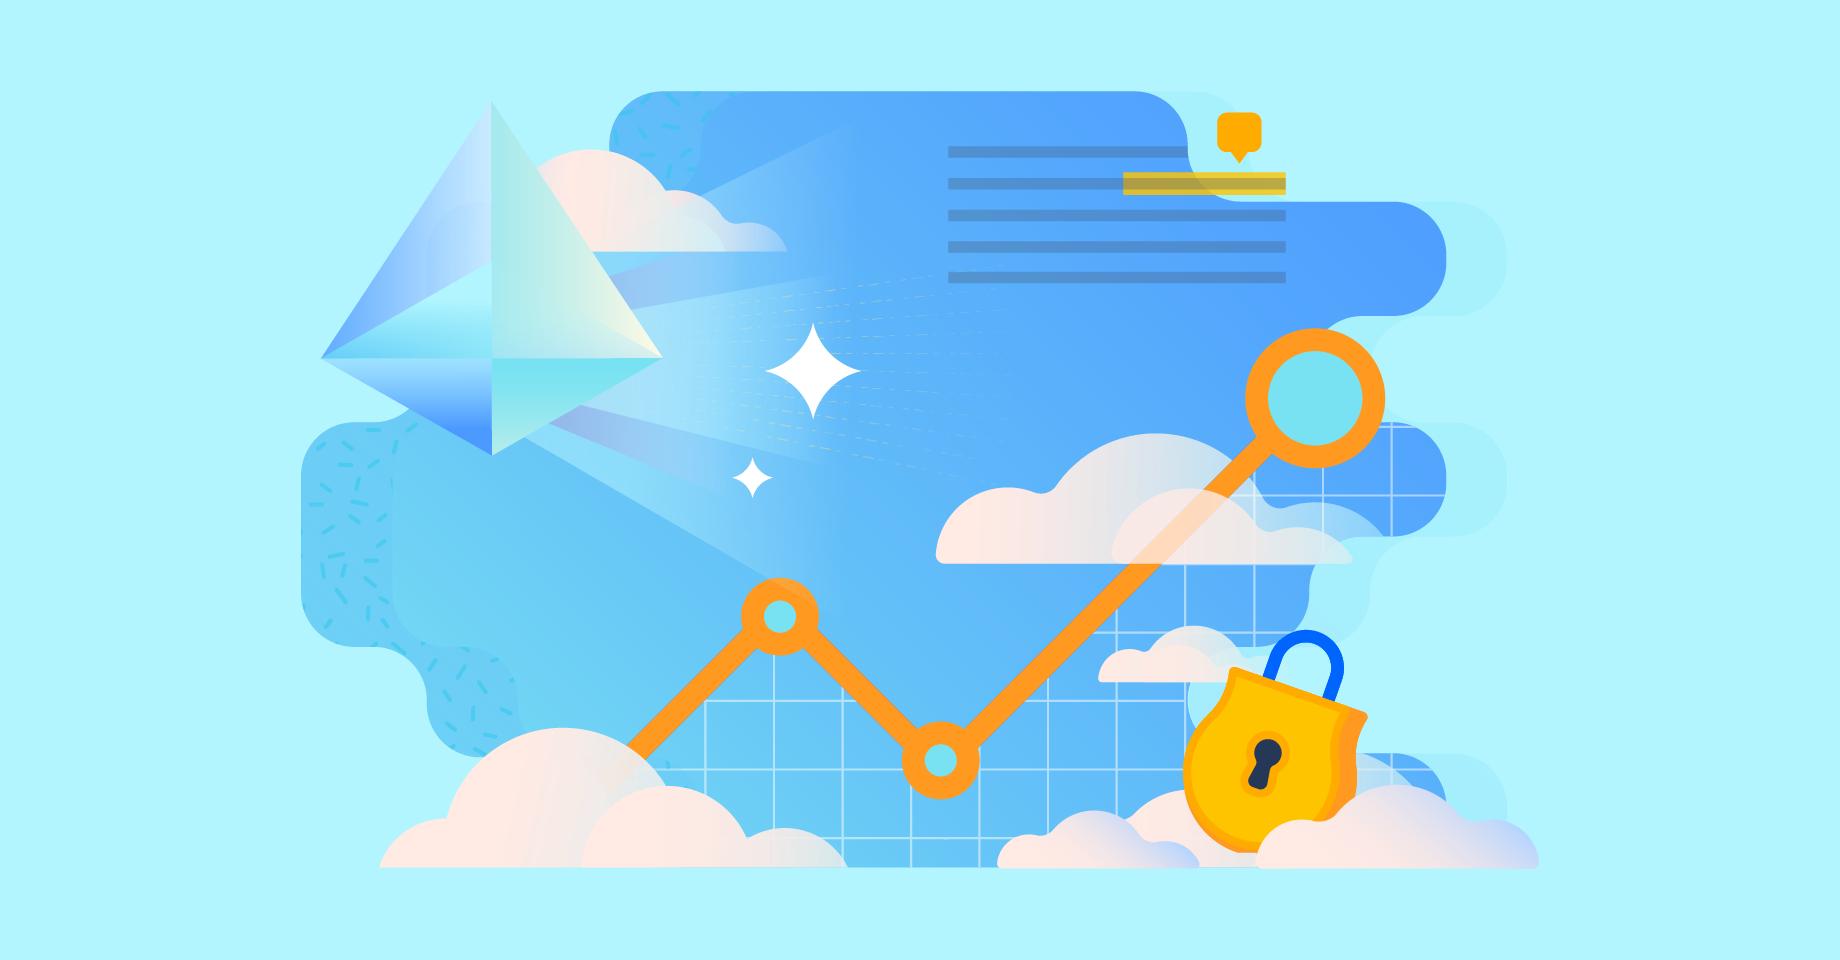 Abbildung: Atlassian Premium